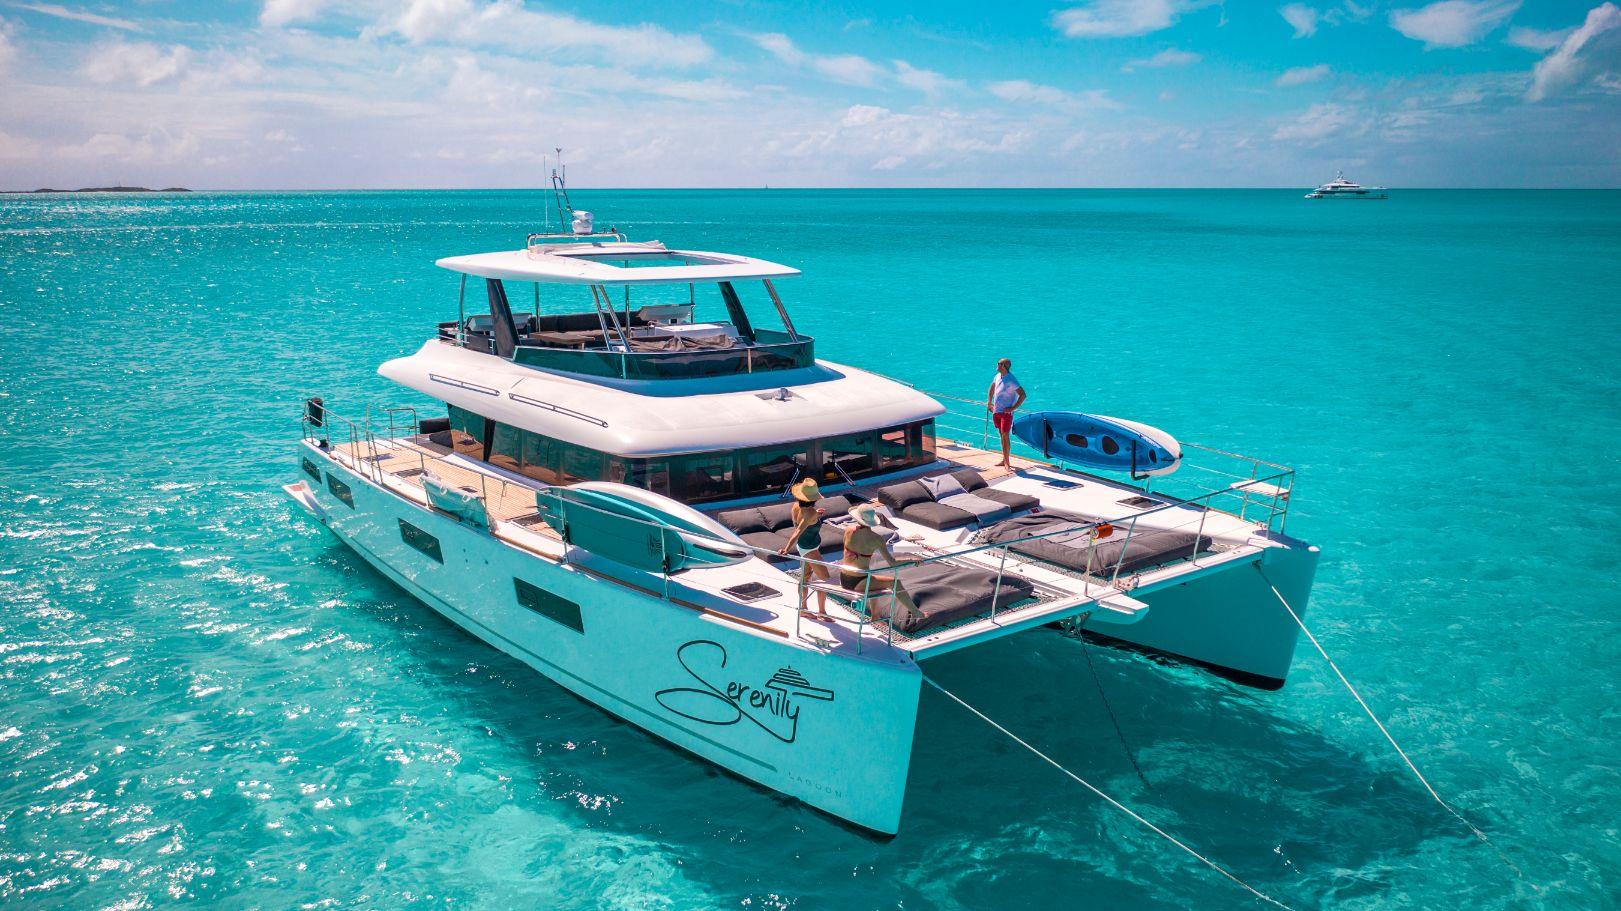 Catamaran sur les eaux turquoises bahaméennes   Bateau de Marc Saulnier   Serenity Navigation